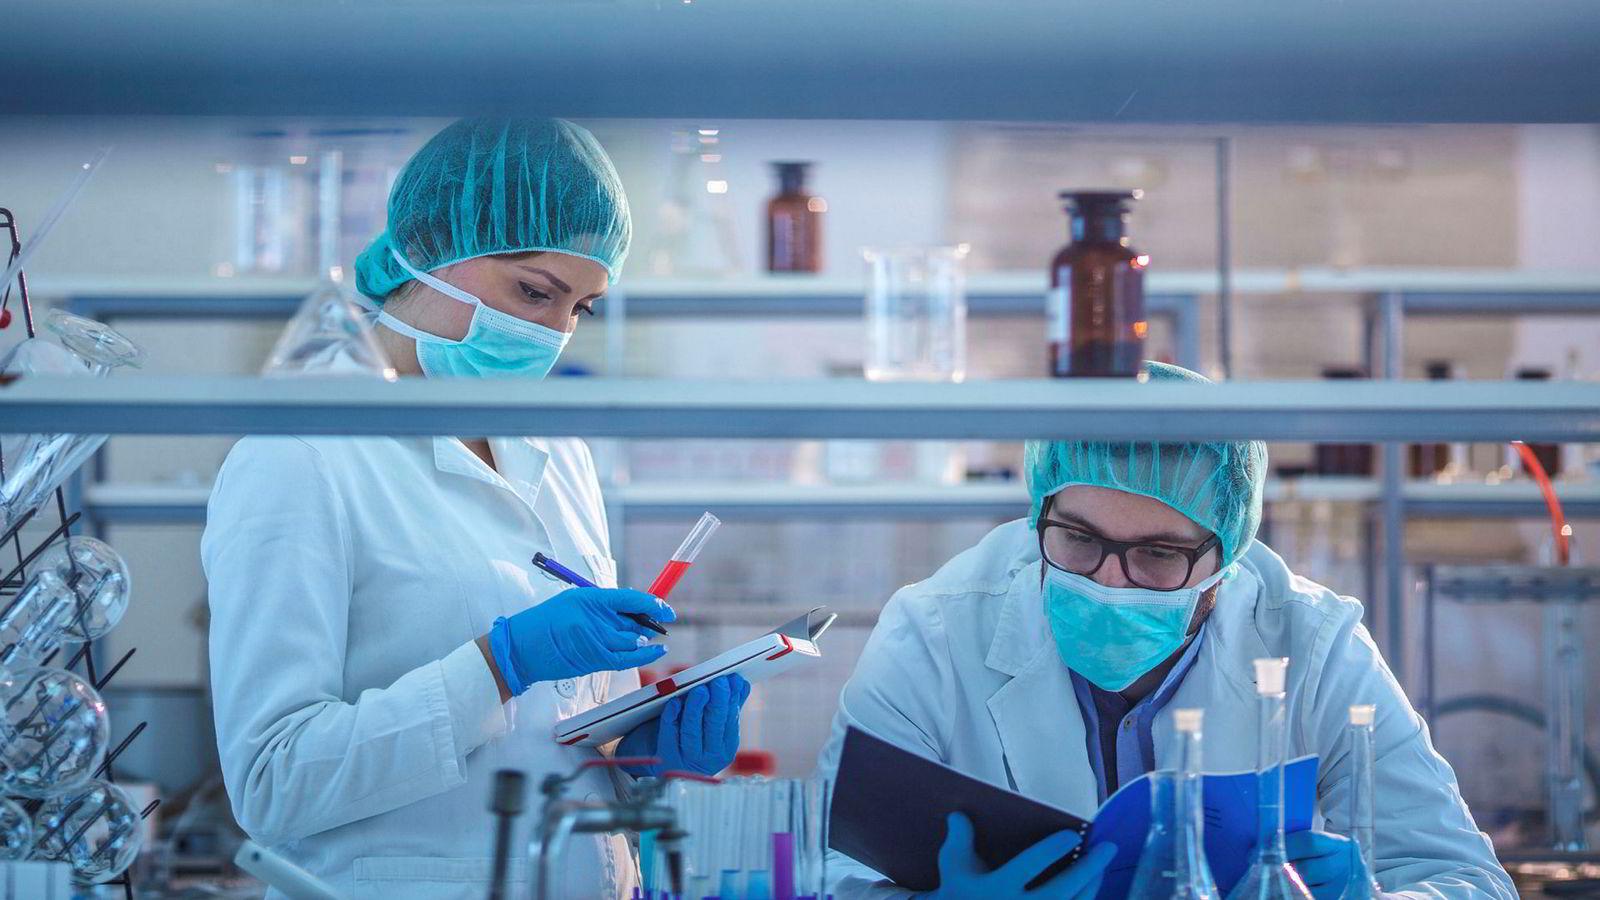 Forskningsrådet bruker i dag nesten én milliard kroner på å fordele ni milliarder, og forskere bruker stadig mer tid på å søke om forskningsmidler.